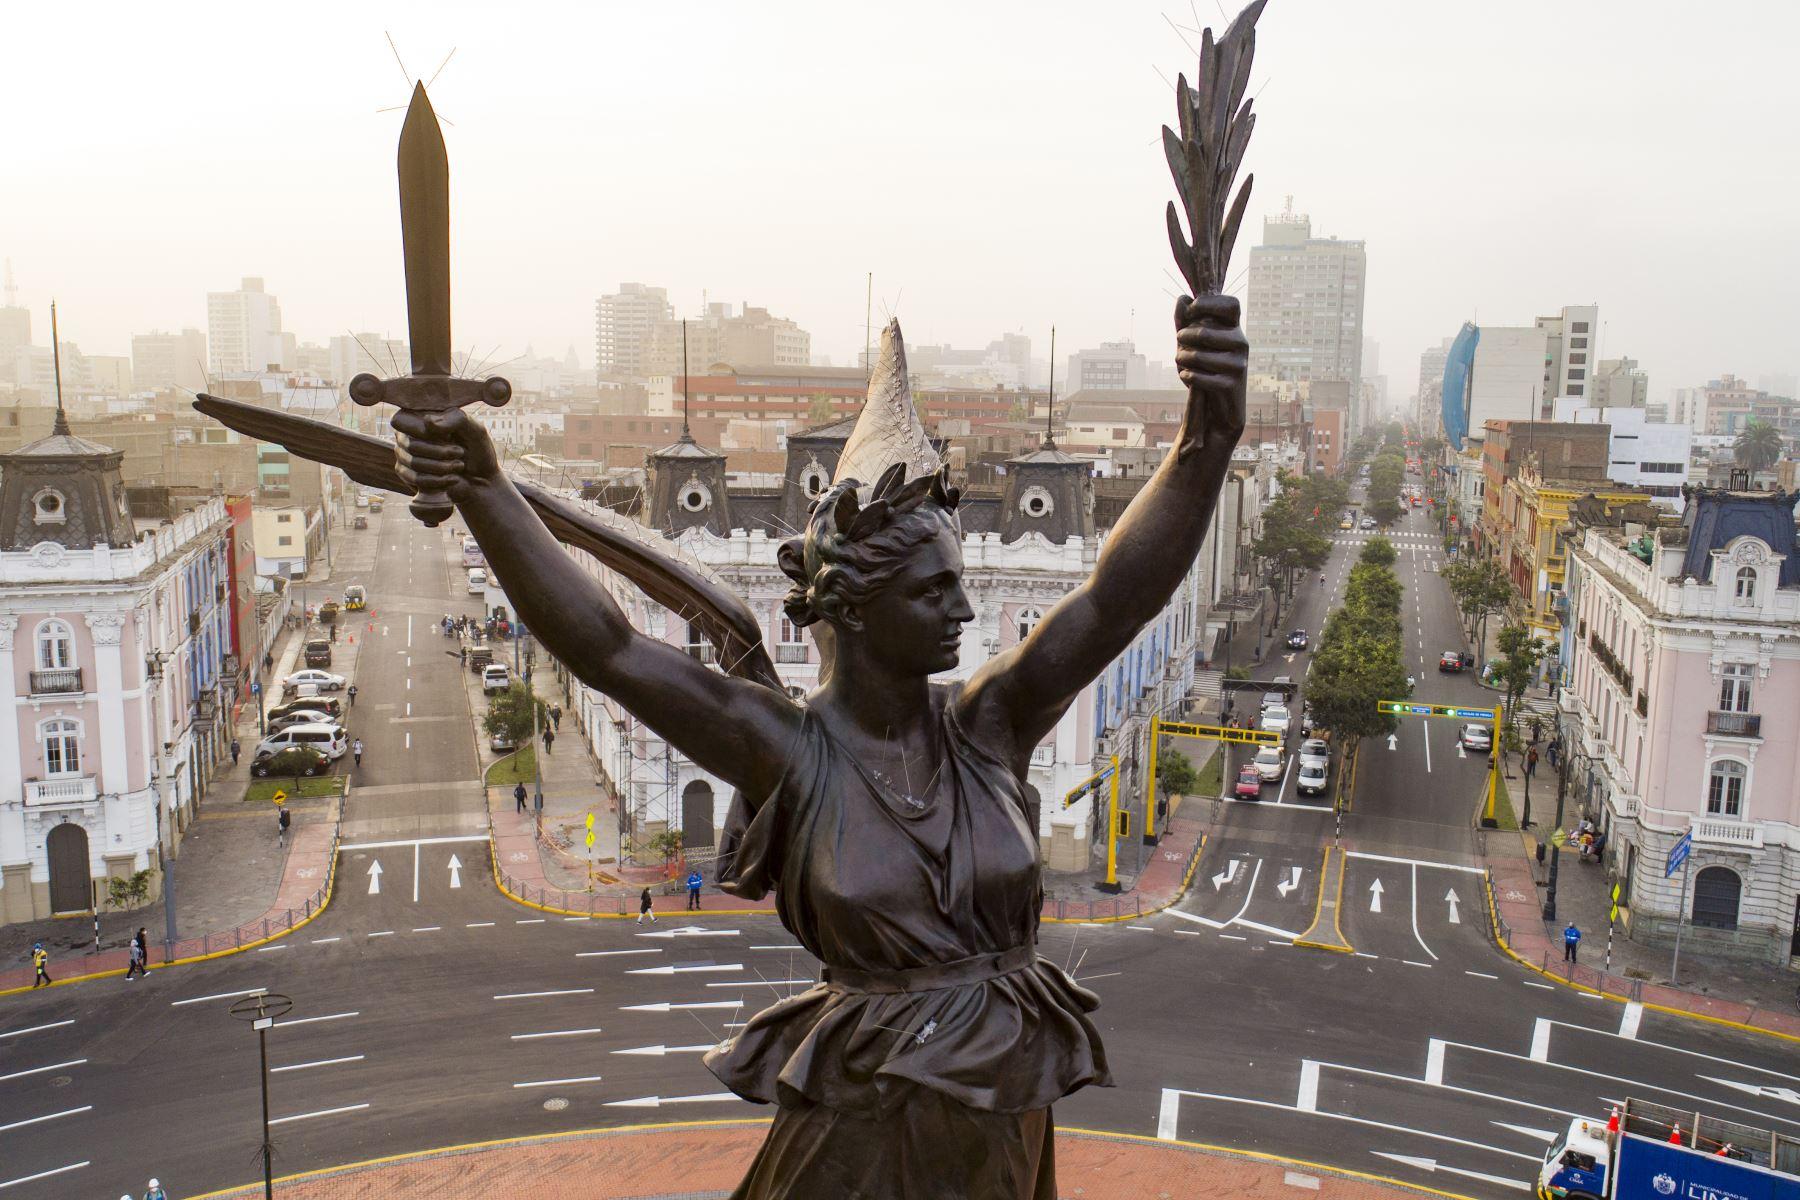 El alcalde de Lima, Jorge Muñoz, participa en la participa en la entrega del monumento a la victoria del Dos de Mayo, uno de los más altos e importantes de la ciudad. Los trabajos de recuperación de la escultura son parte del Plan Maestro del Centro Histórico de Lima. Foto: ANDINA/Municipalidad de Lima